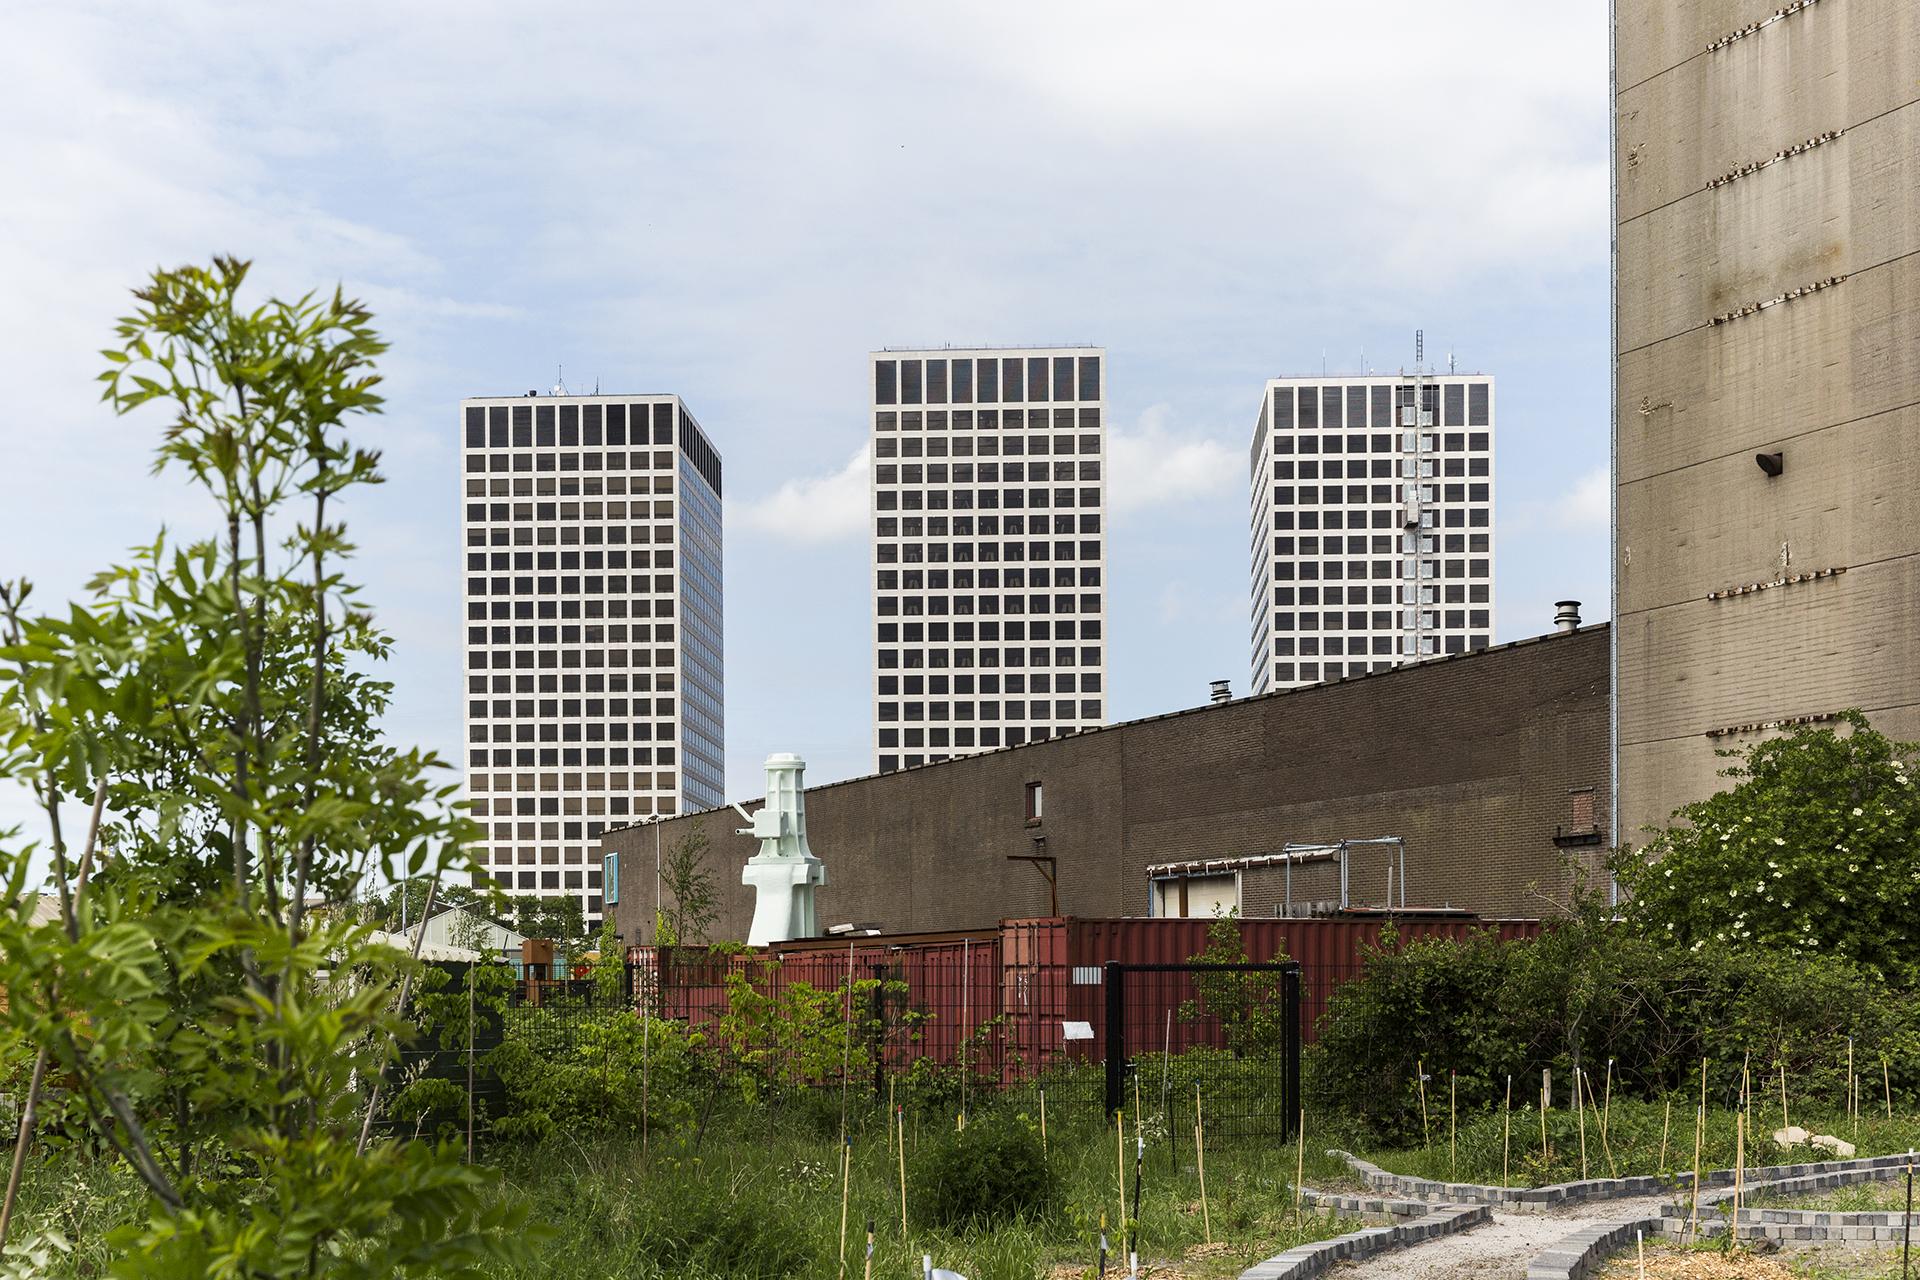 Tim_Allen_Rotterdam-02.jpg